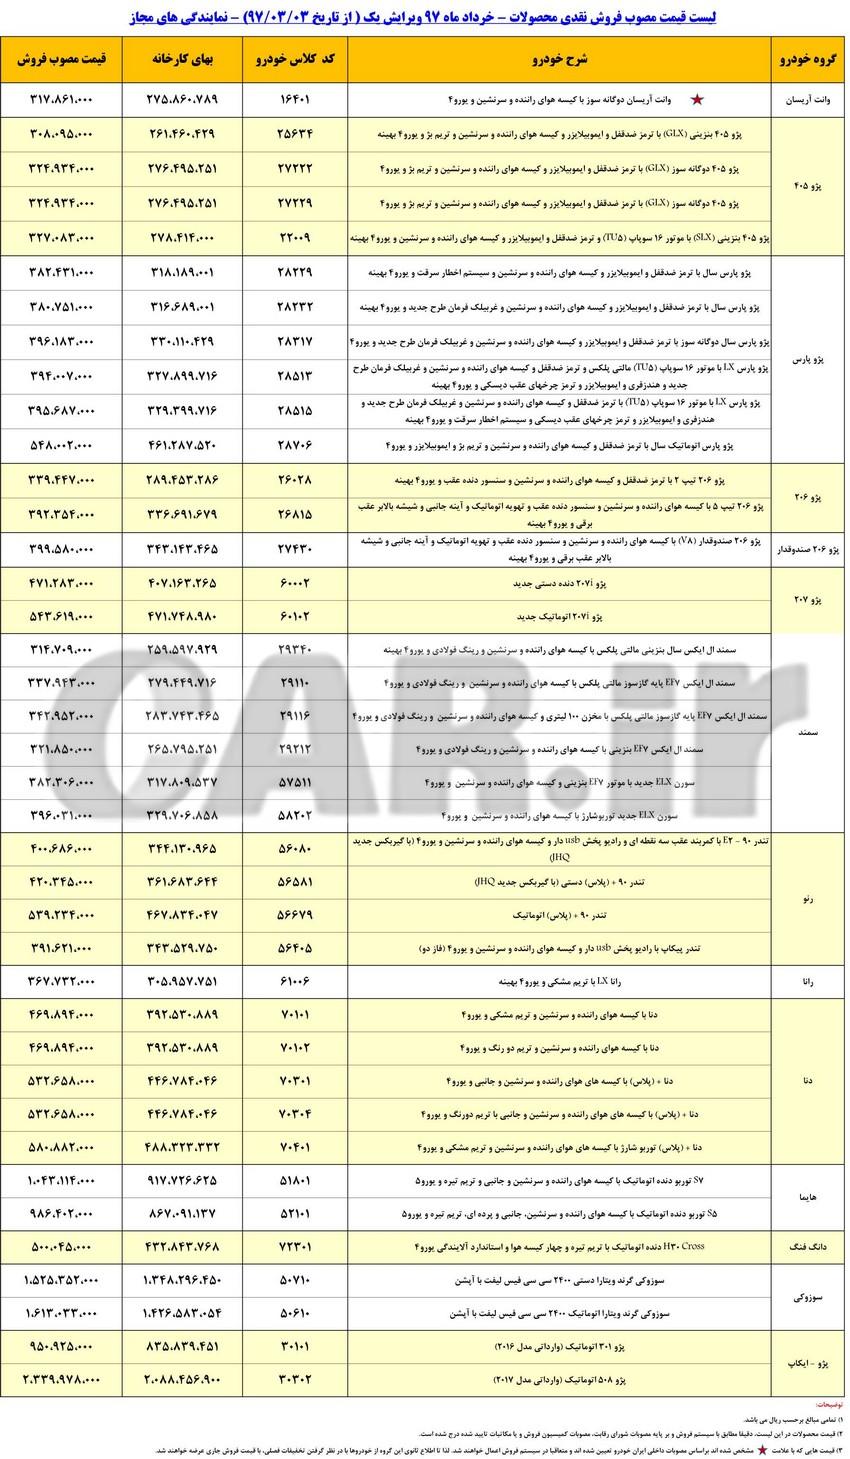 حذف رنو کپچر از لیست قیمت محصولات ایران خودرو + جدول قیمت